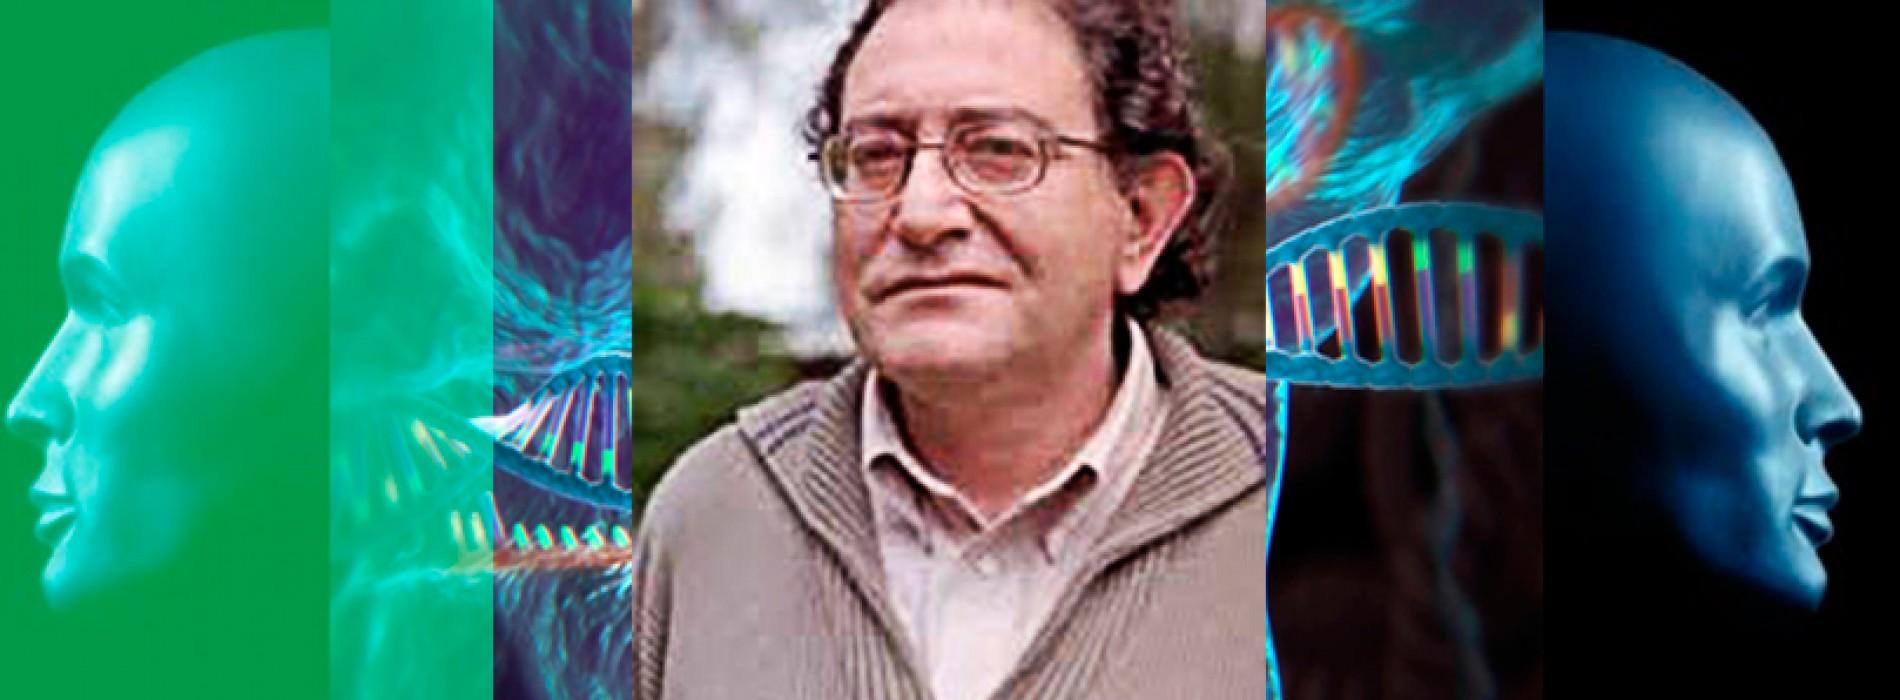 Entrevista hecha al Dr. José Luis Arias sobre CRISPR/Cas9